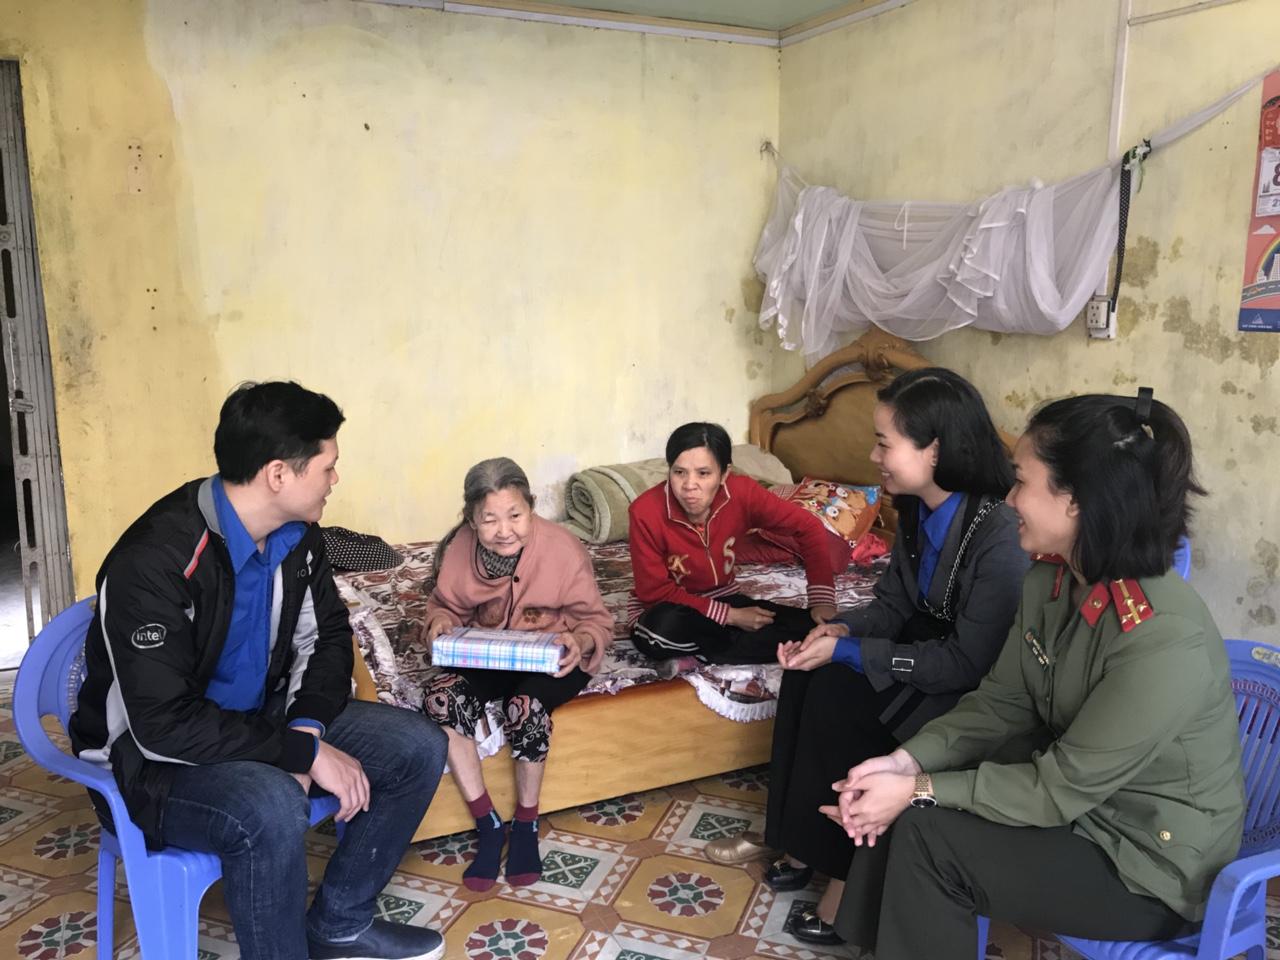 Gia đình bà Ngô Thị Tẹo sinh năm 1945. Thuộc đối tượng hộ nghèo, bản thân bà Tẹo ốm đau bệnh tật không có chế độ gì, nuôi con gái sinh năm 1975 bị tâm thần và cháu trai vừa xuất ngũ về chưa xin được việc làm.